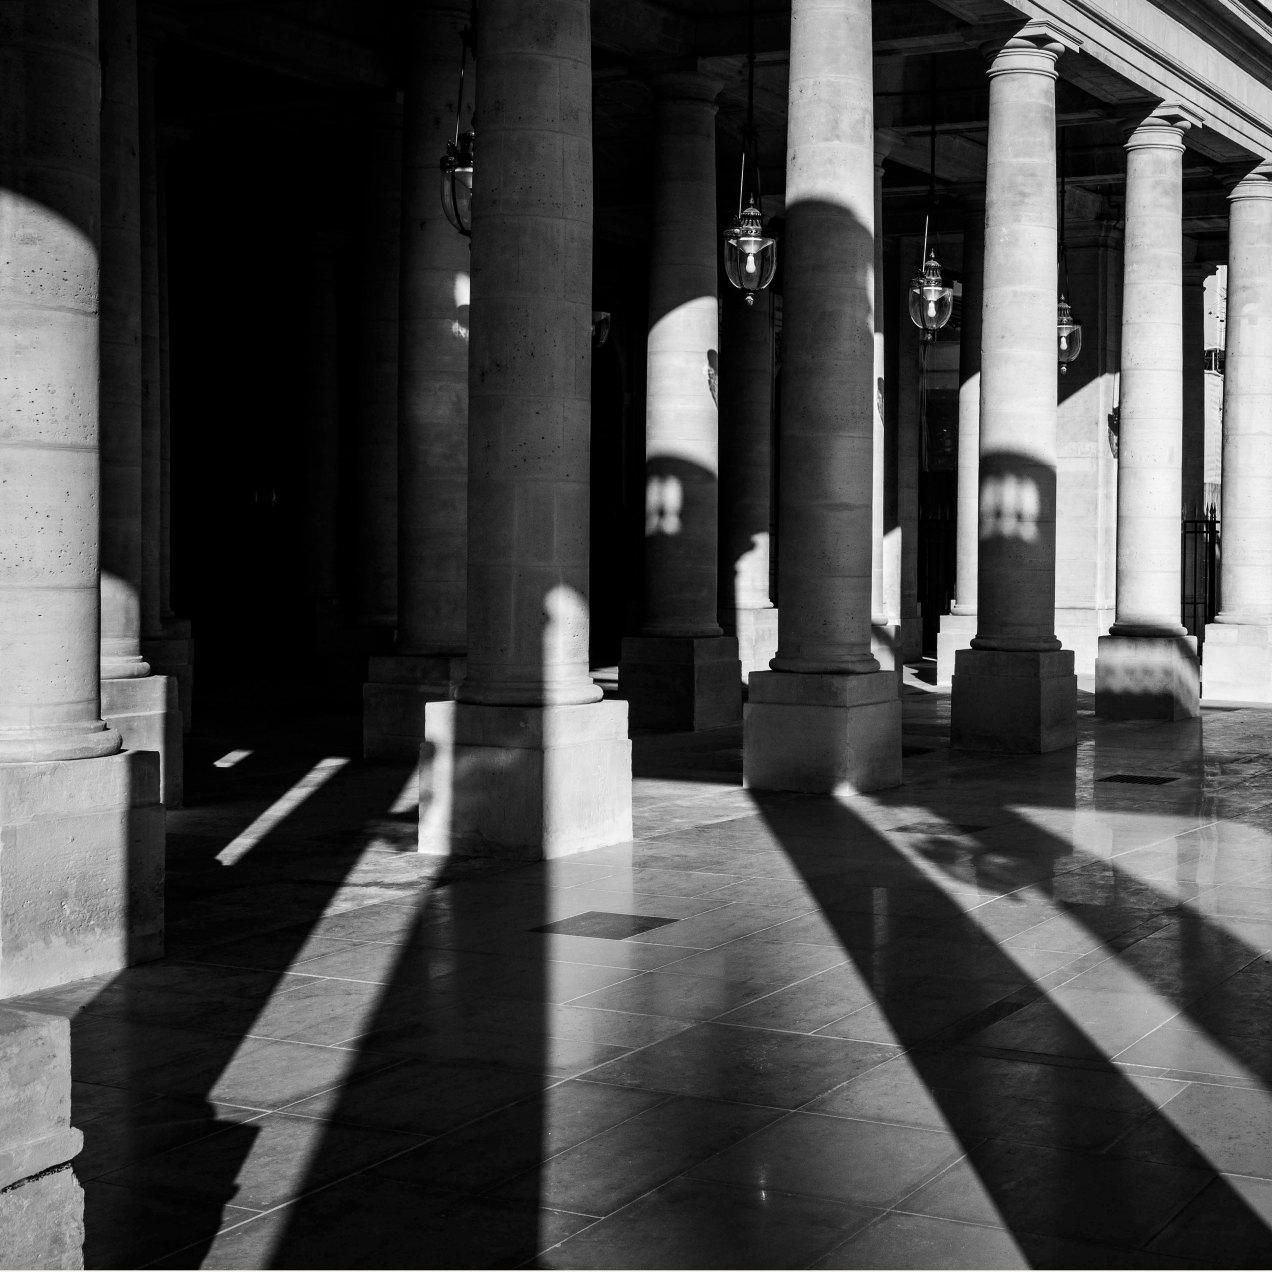 Palais Royale, Paris, gildalliere, 2018